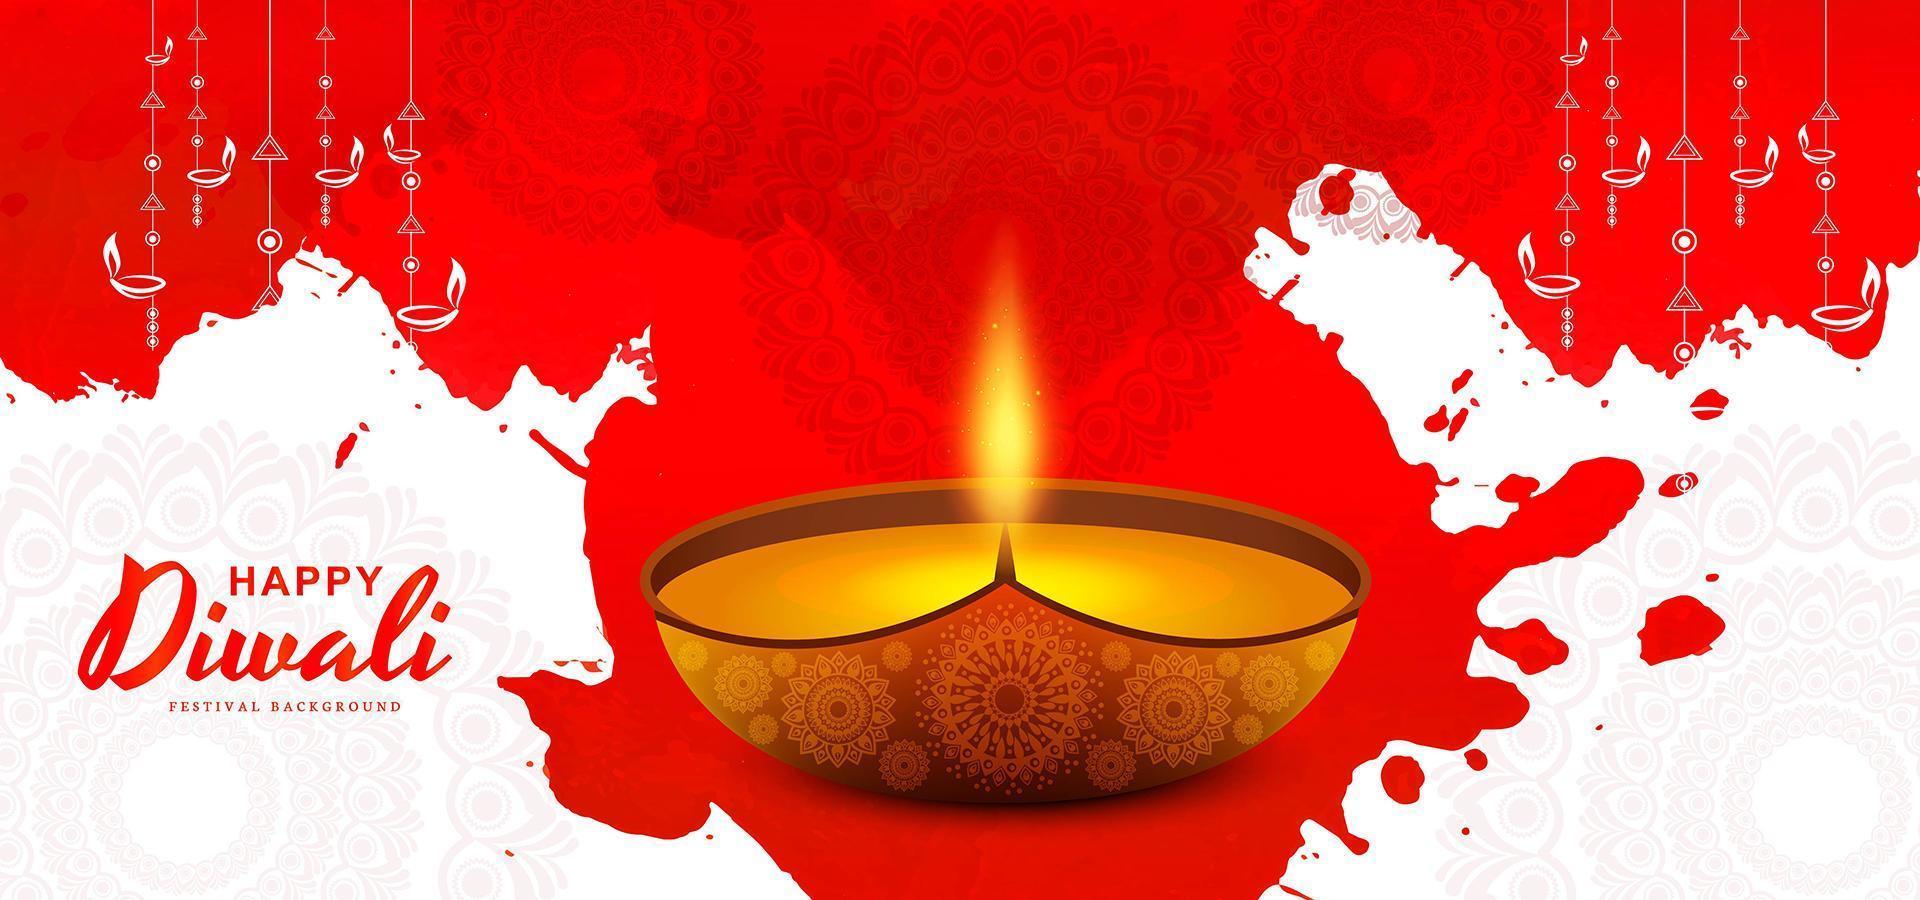 creativo illuminato illuminato lampada sfondo astratto diwali vettore